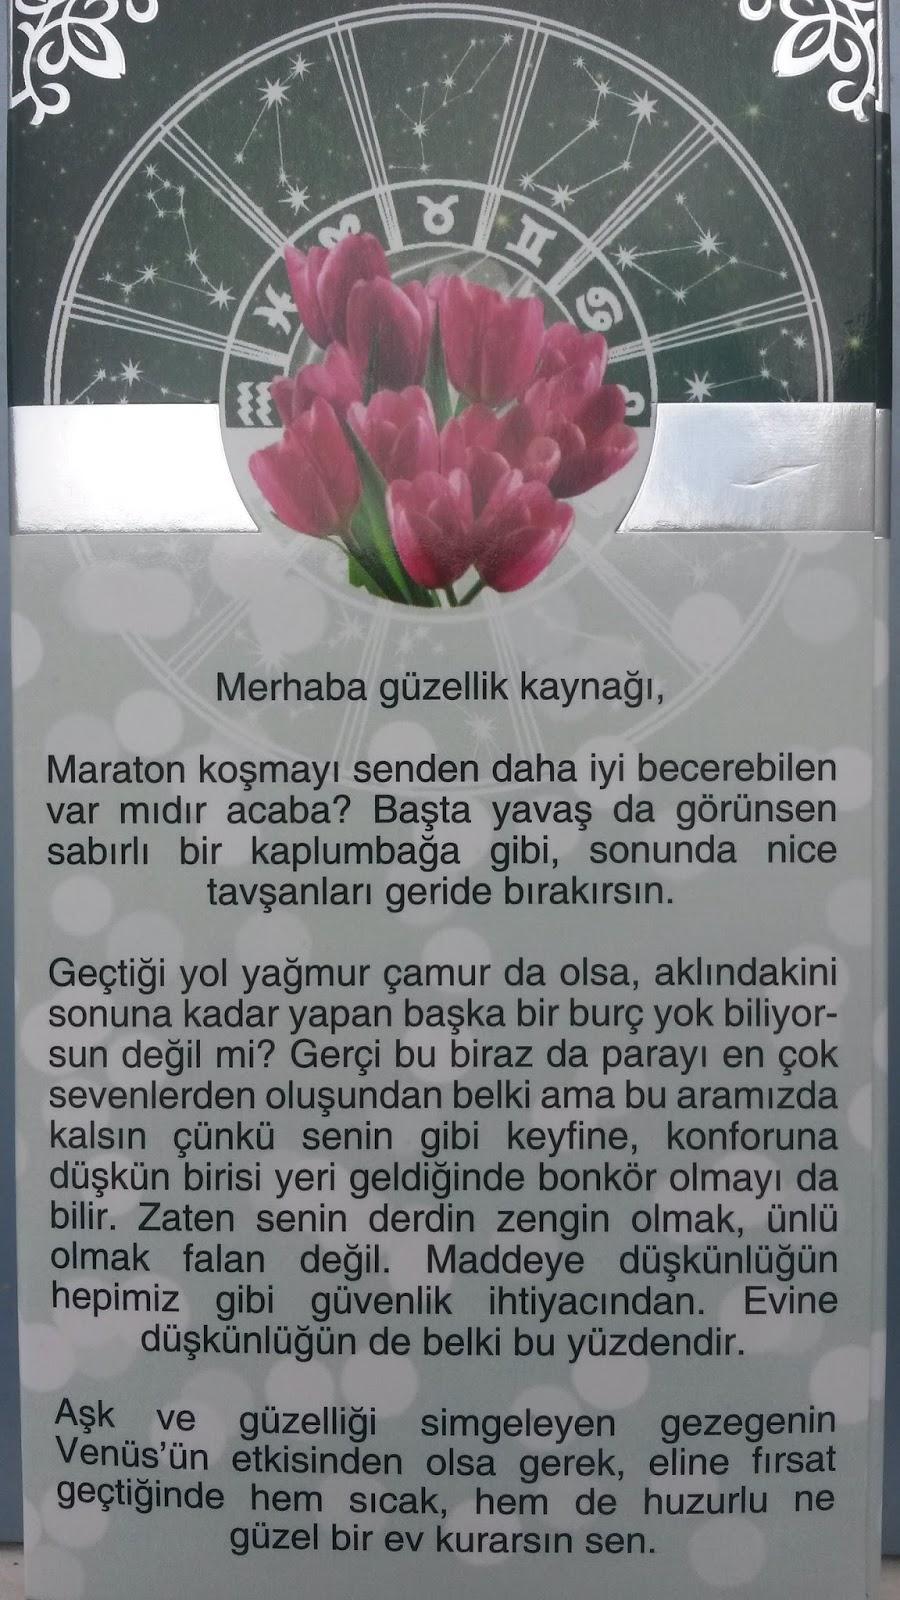 ARTEMİS BURÇ KREMLERİ / BOĞA